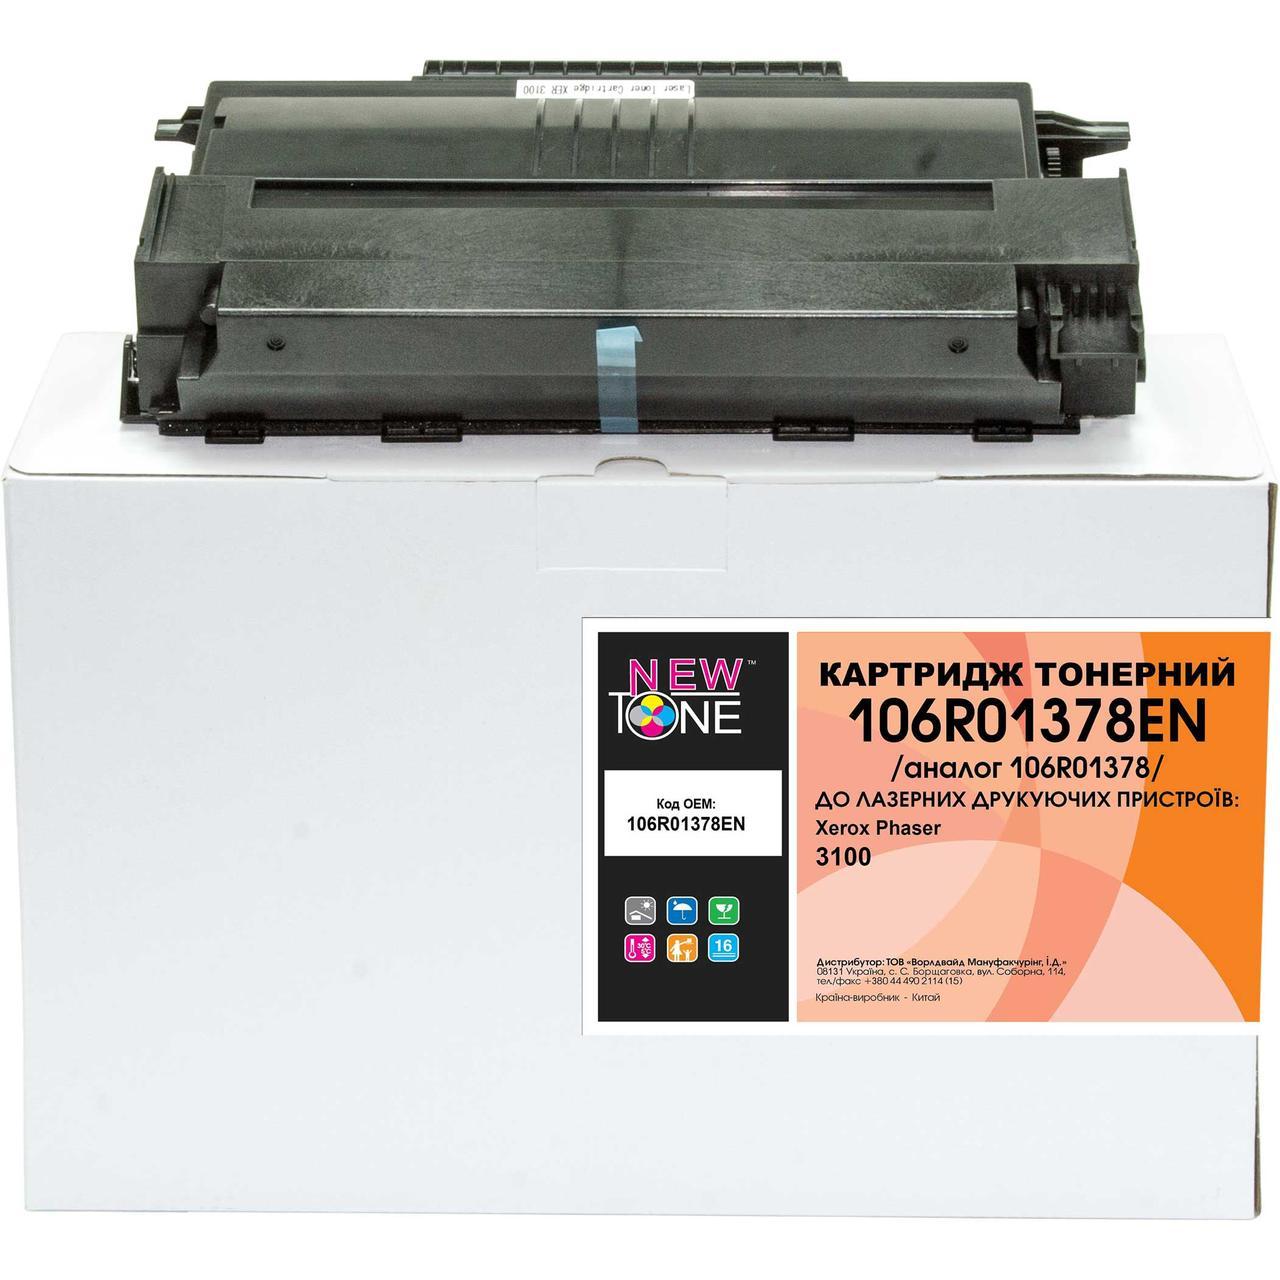 Картридж NewTone для Xerox Phaser 3100 аналог 106R01378 Black (106R01378EN) смарт-карта в комплекте